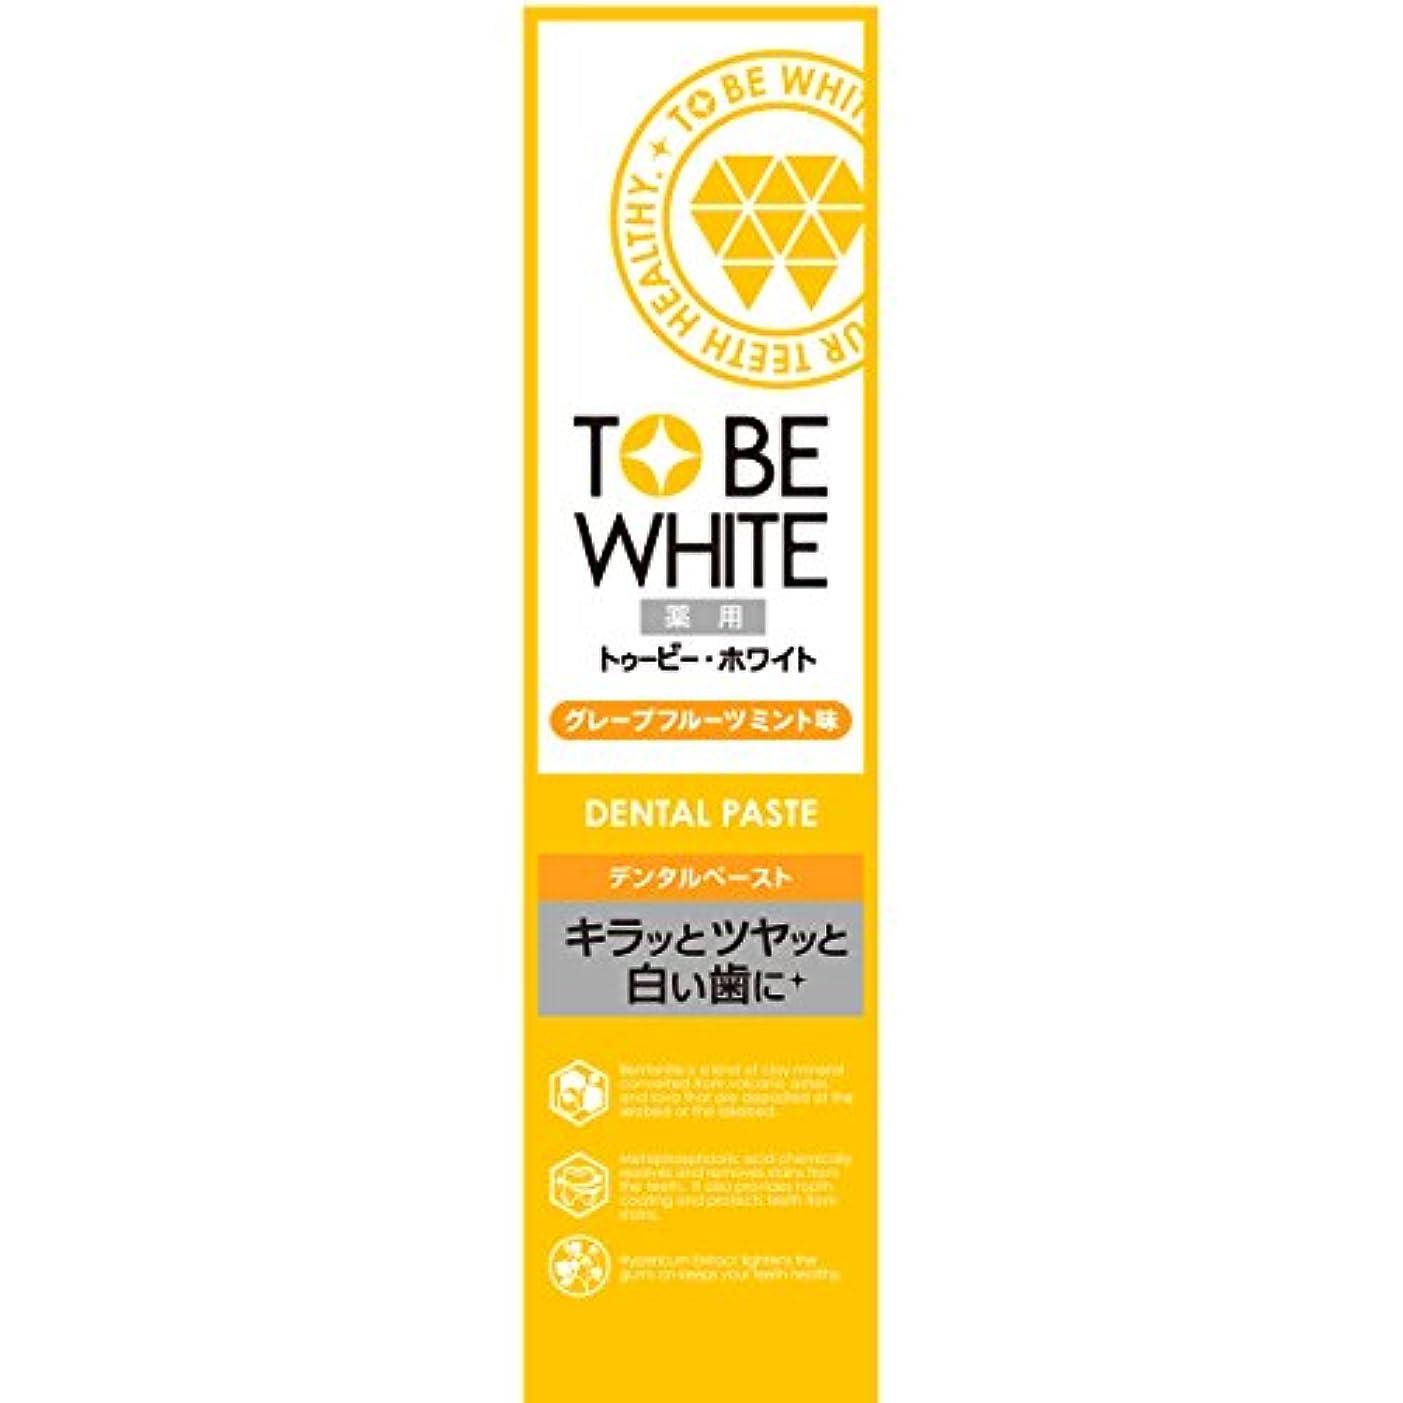 脊椎バラエティ北西トゥービー?ホワイト 薬用 ホワイトニング ハミガキ粉 グレープフルーツミント 味 60g 【医薬部外品】